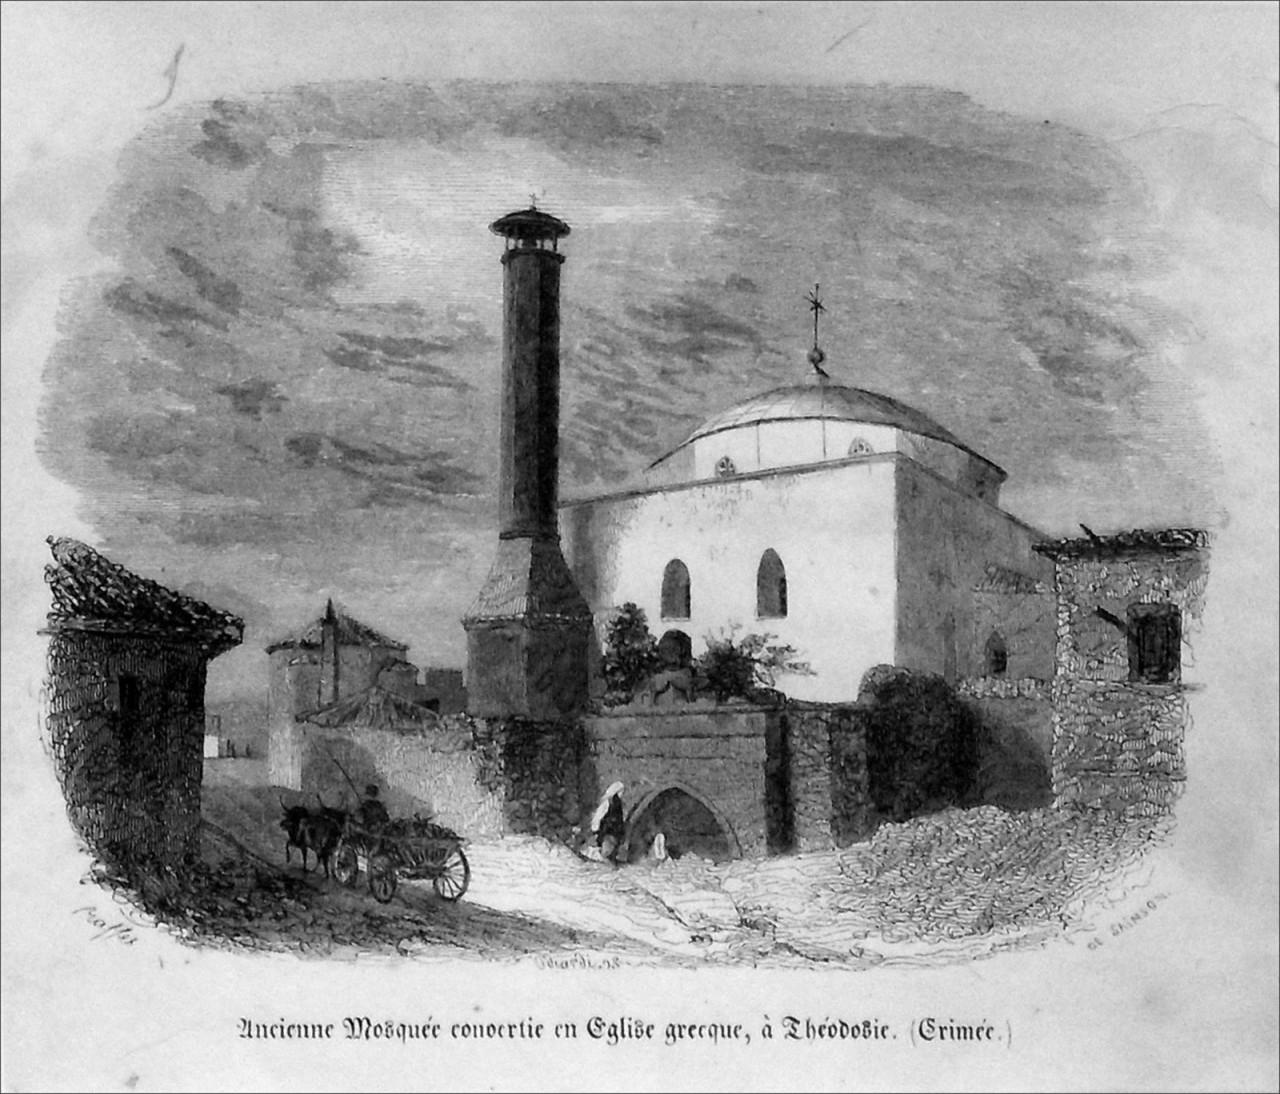 Феодосия. Старая мечеть, переделанная в христианский храм